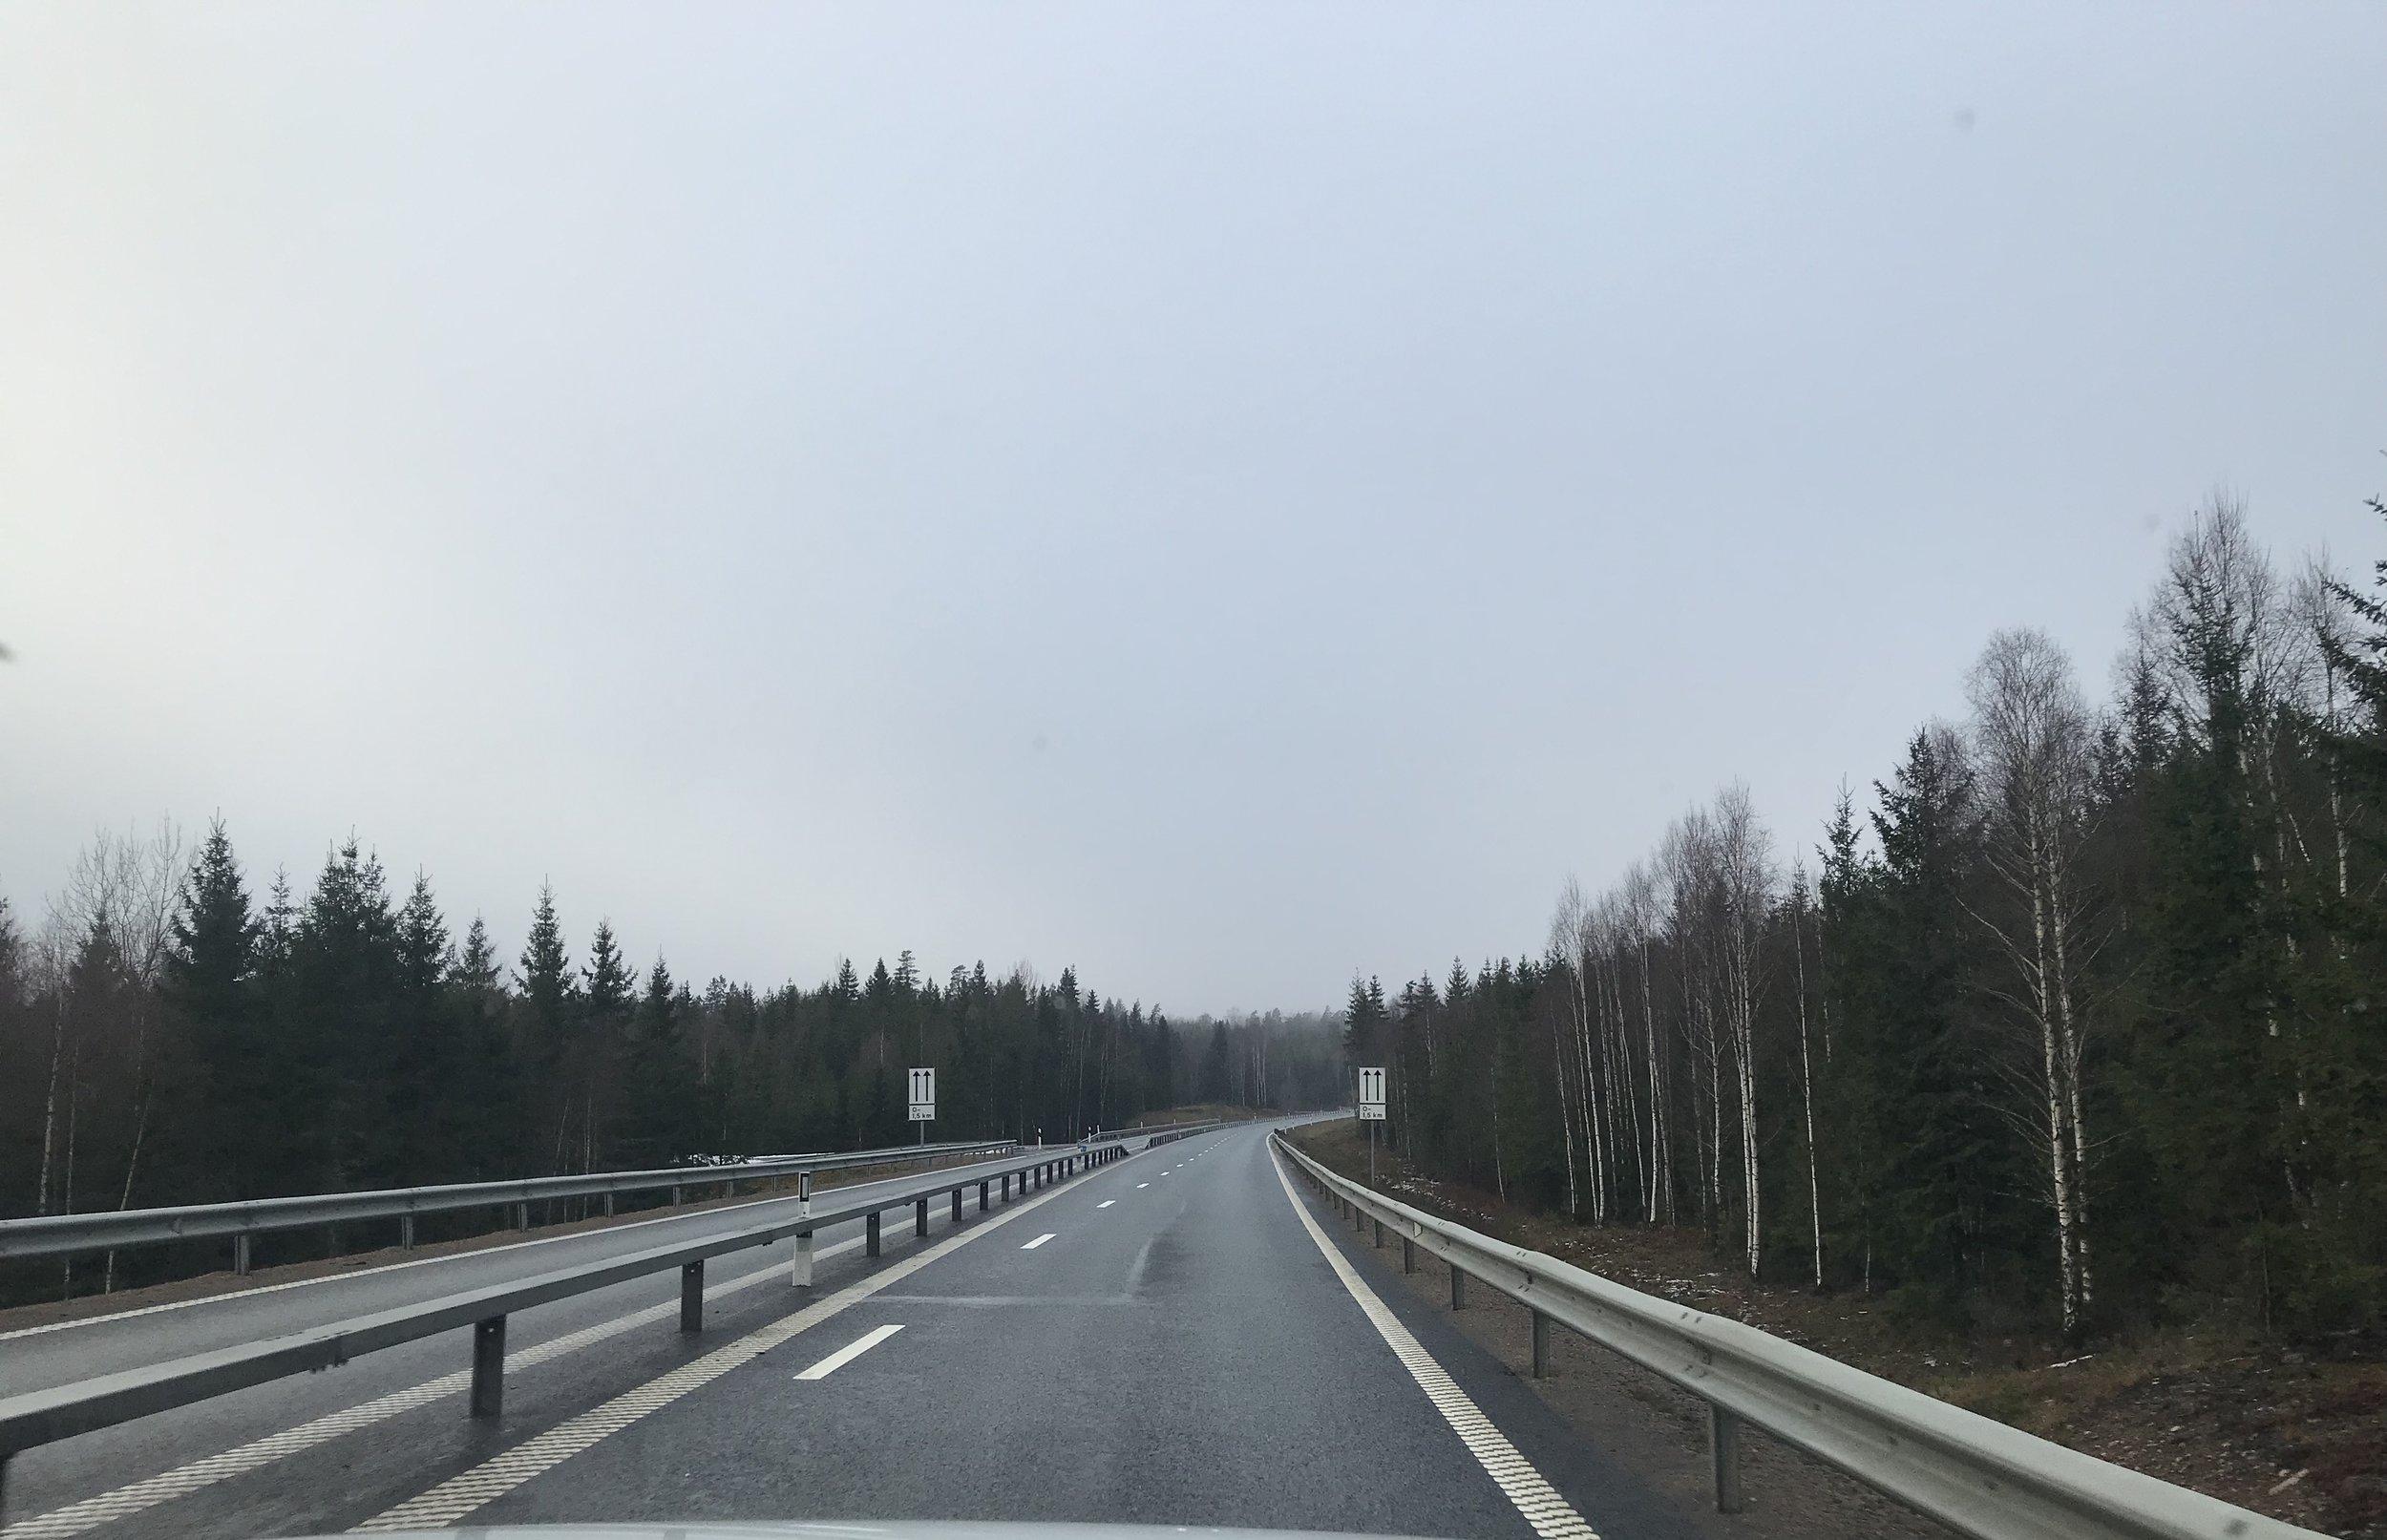 Hej Living - Nordique - Småland (4).jpg